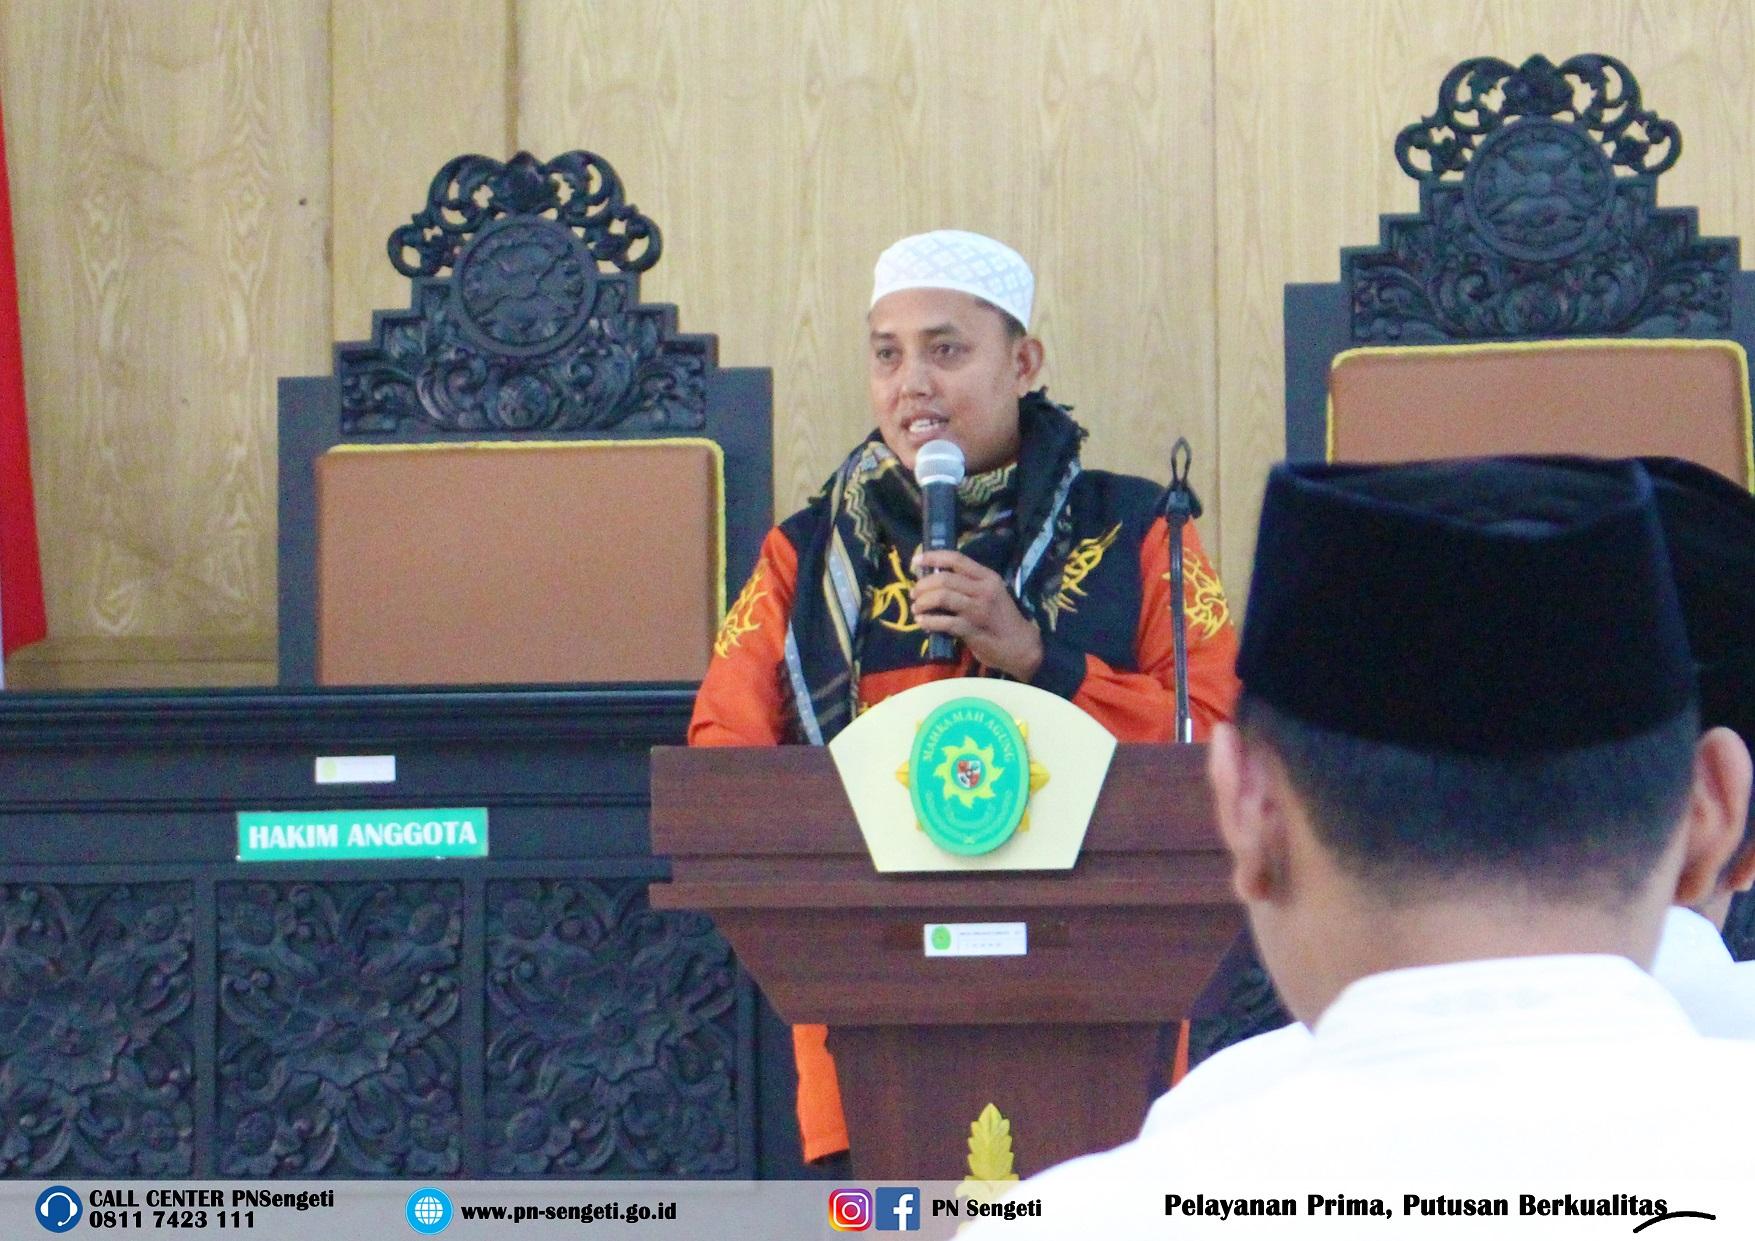 Keutamaan Ramadhan, Pengadilan Negeri Sengeti Kelas II gelar tausiyah